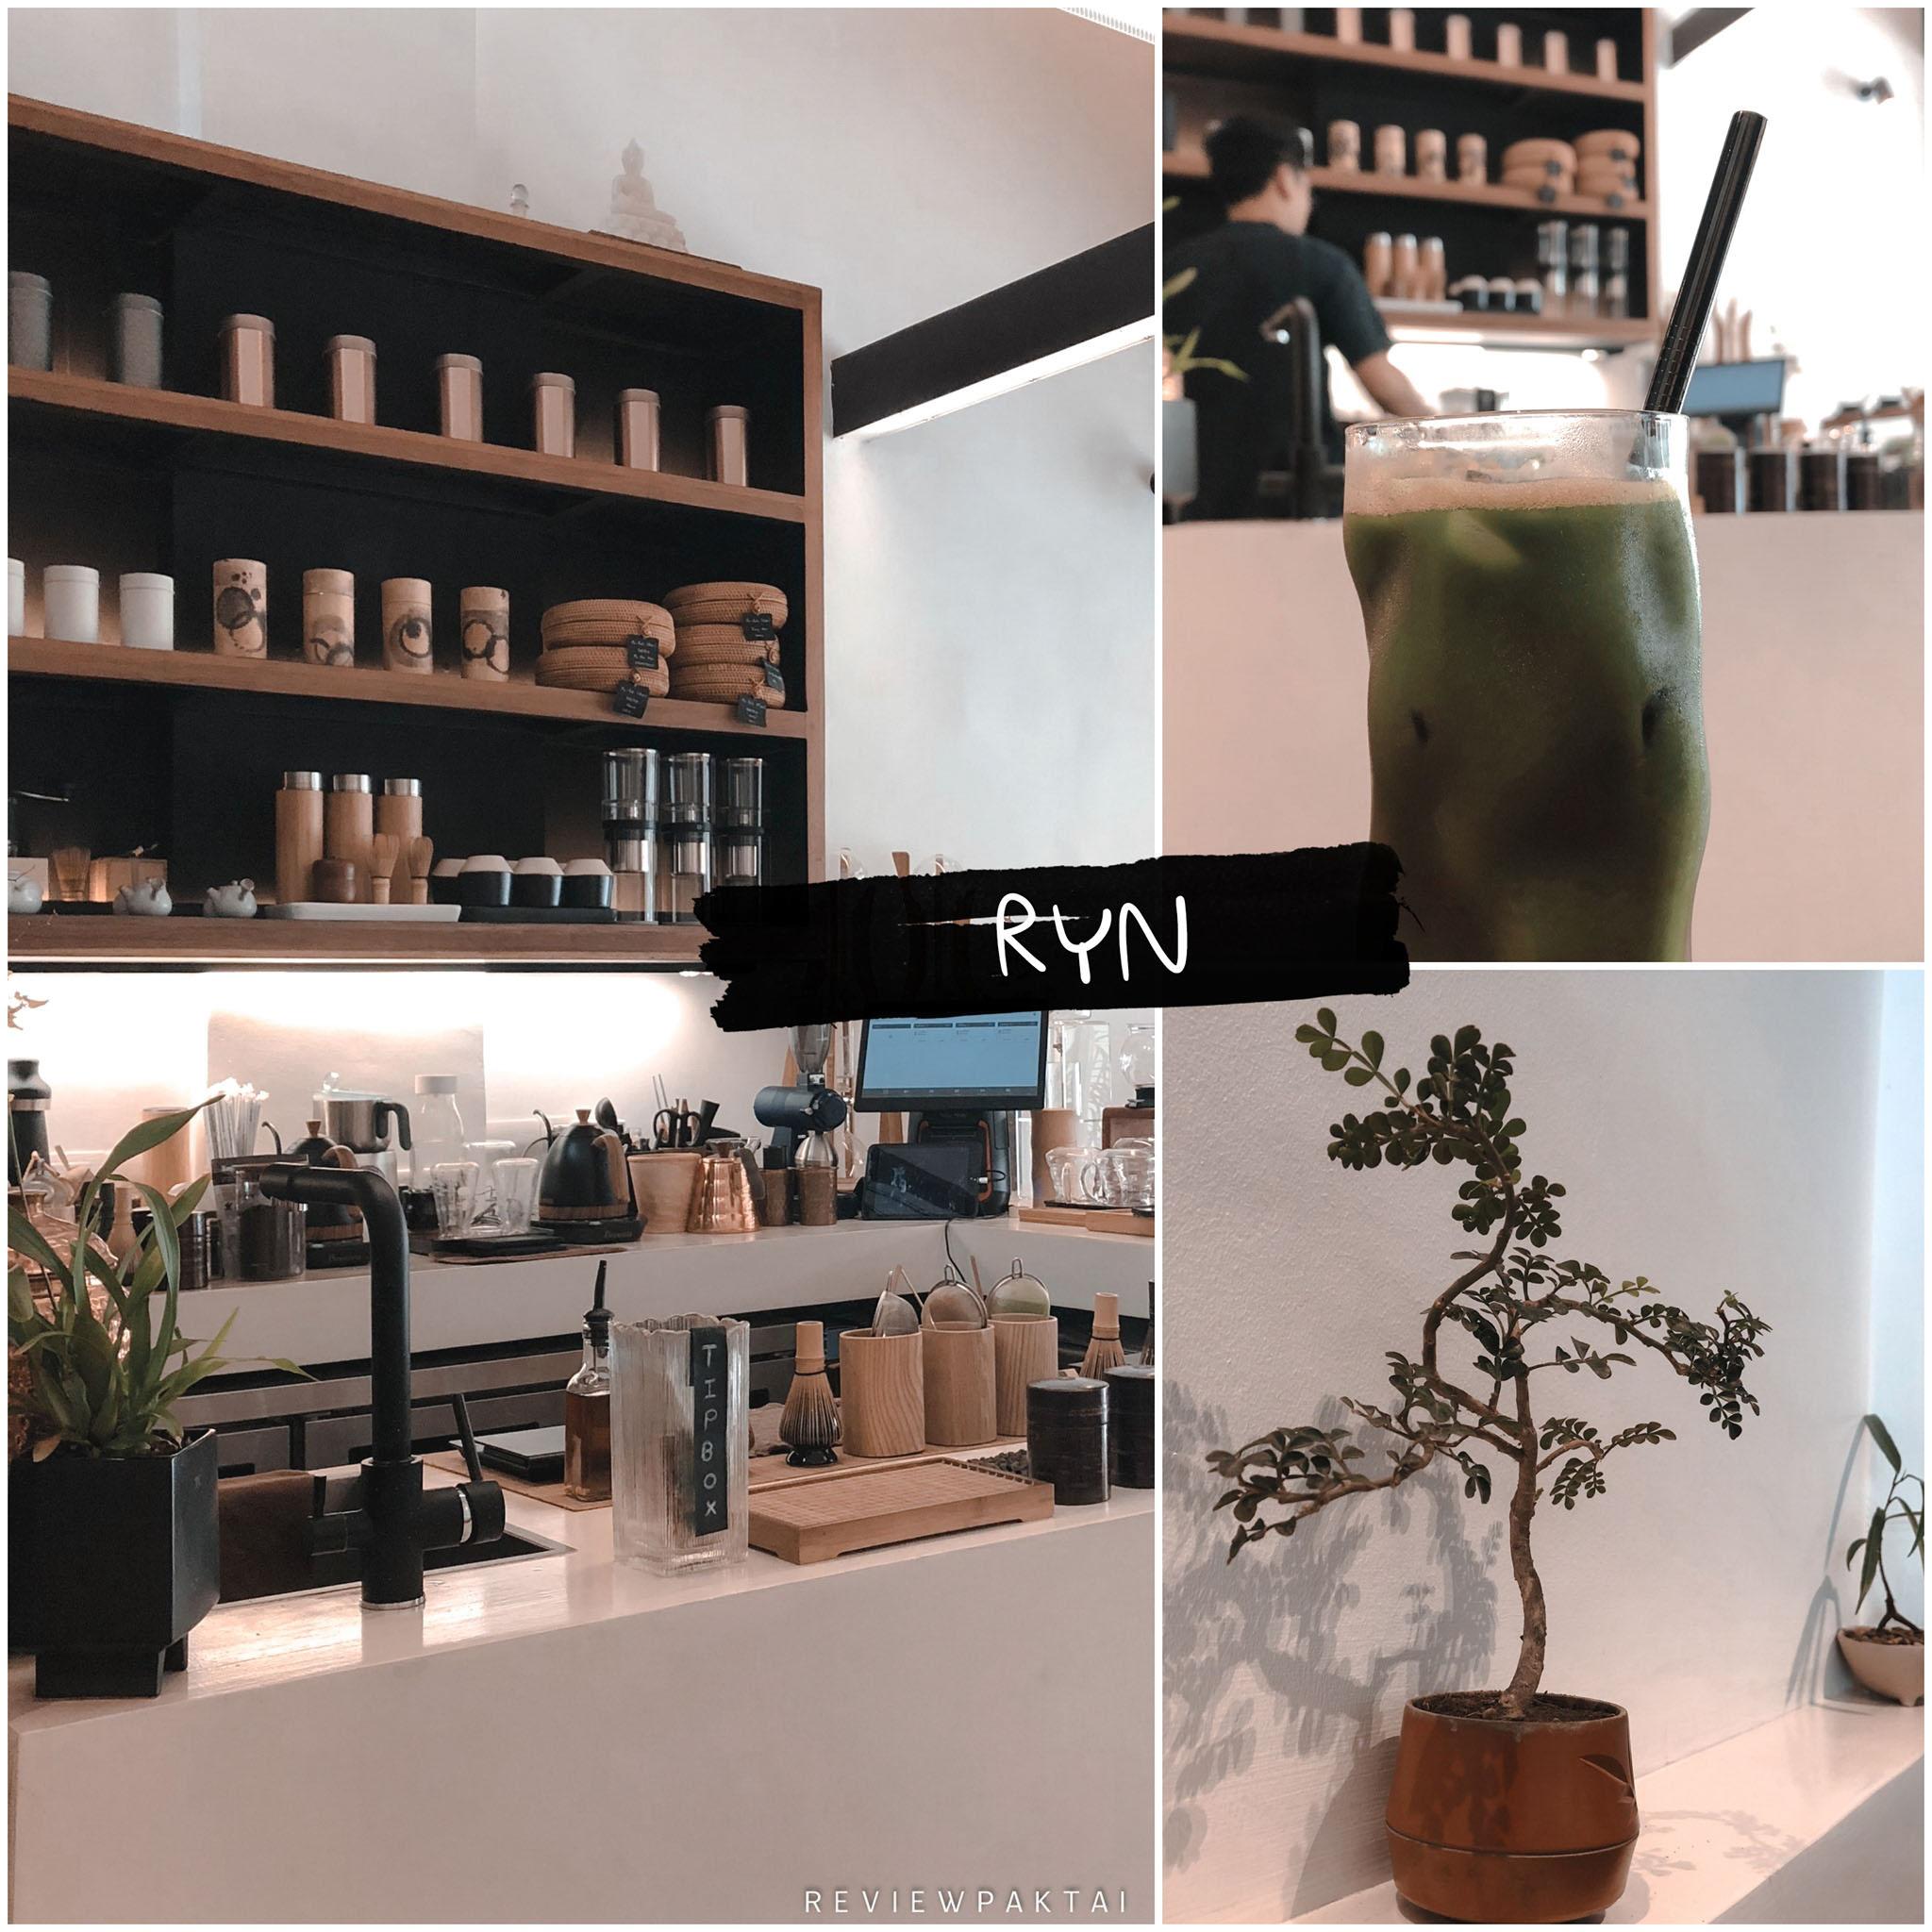 ร้านสไตล์ญี่ปุ่นในภูเก็ตต้องร้าน-Ryn-Authentic-Tea---Slow-Drop-Coffee-เหมาะกับการเช็คอินเป็นที่สุดดดด คลิกที่นี่ ภูเก็ต,คาเฟ่,ที่เที่ยว,ร้านกาแฟ,เด็ด,อร่อย,ต้องลอง